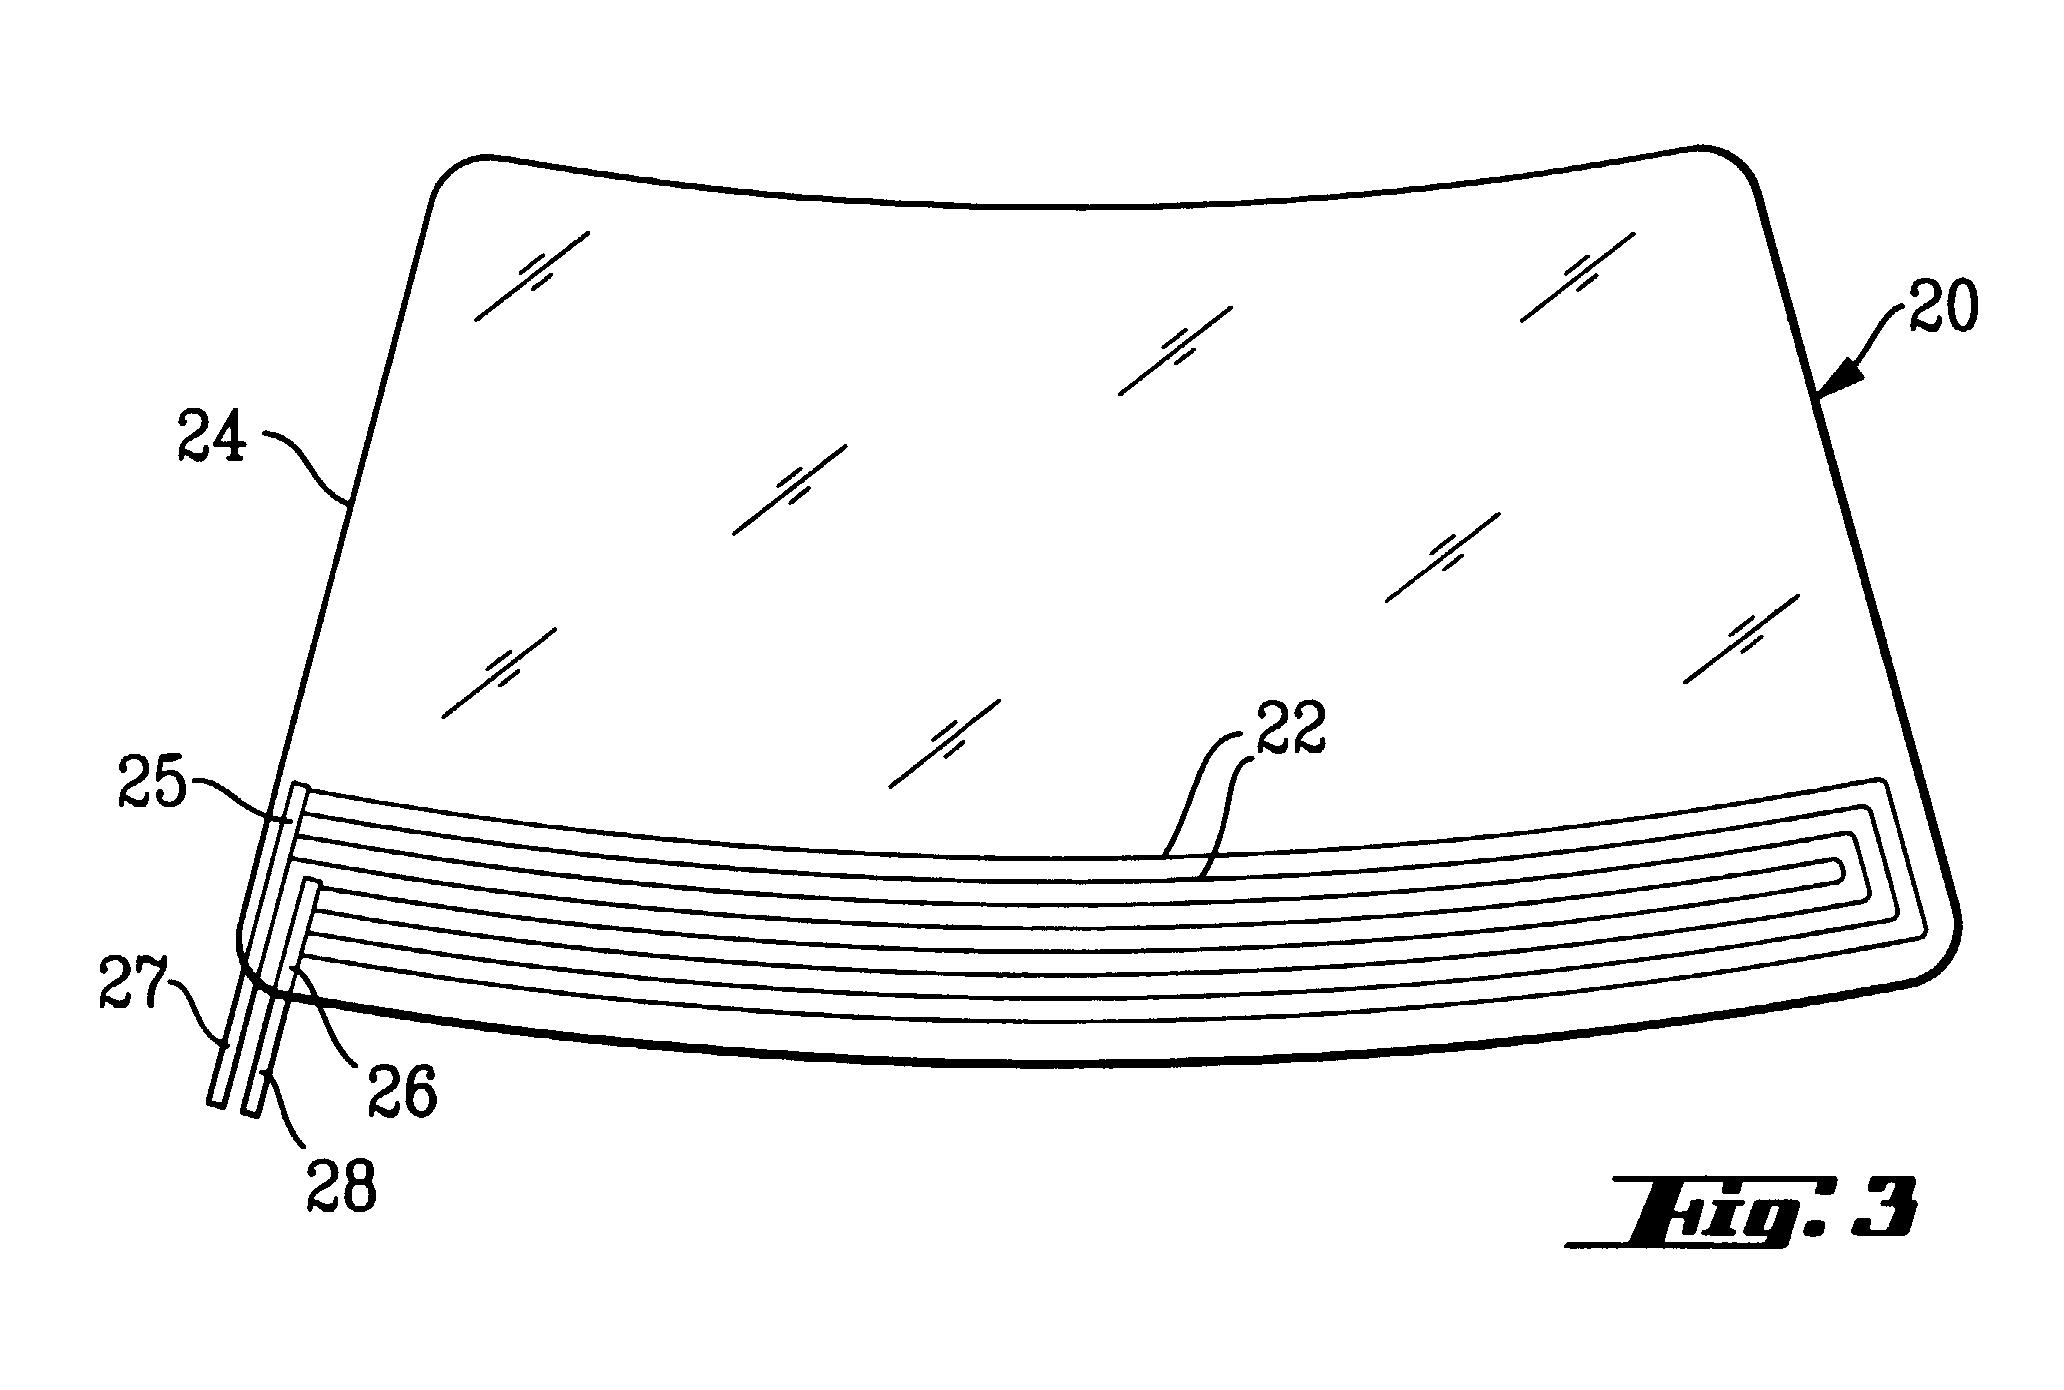 patent ep0800333a2 pare brise pouvant tre chauff lectriquement google patents. Black Bedroom Furniture Sets. Home Design Ideas